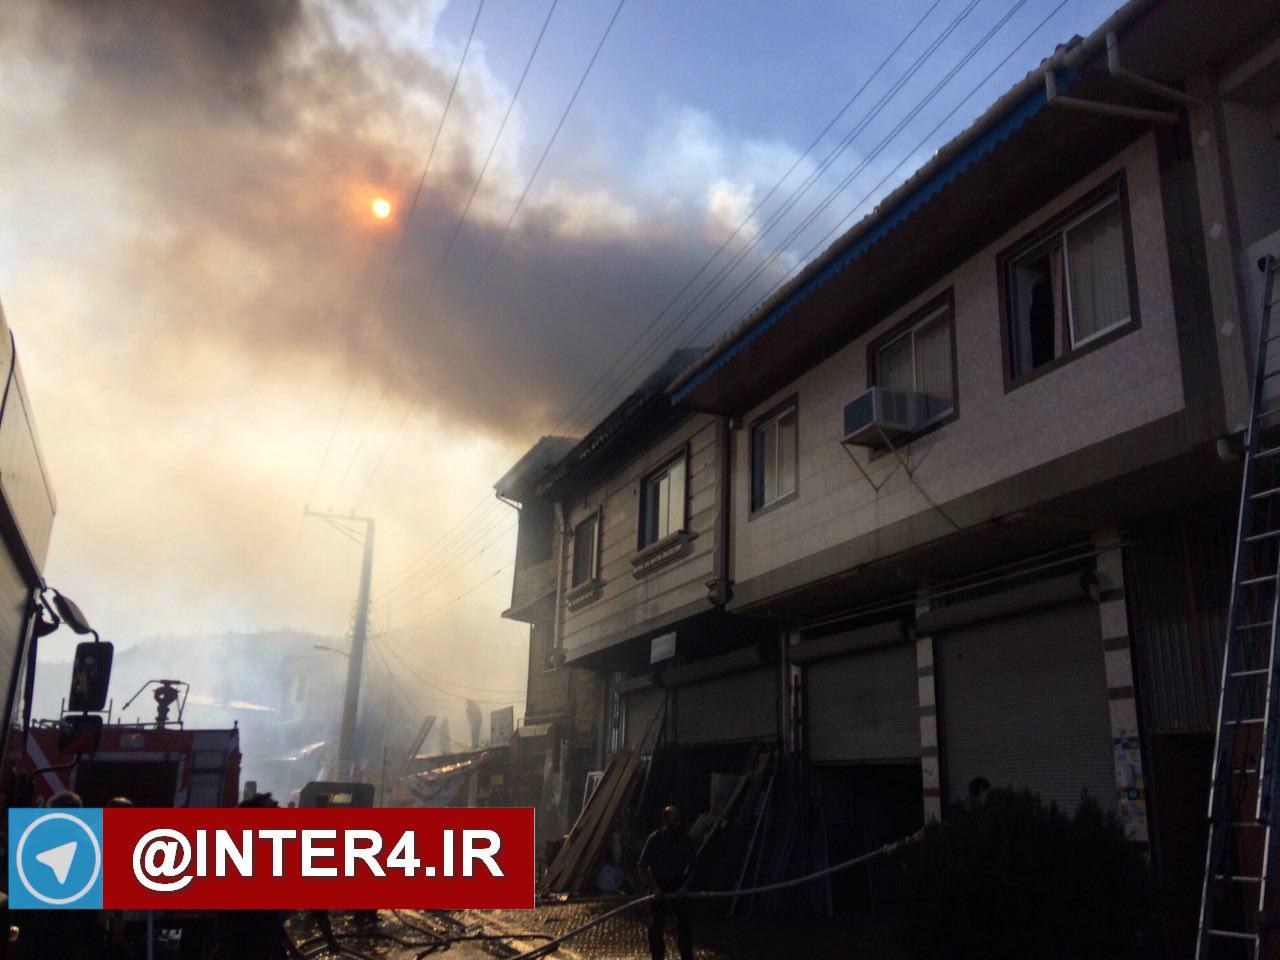 تصاویر آتش سوزی منطقه یوسف آباد لاهیجان